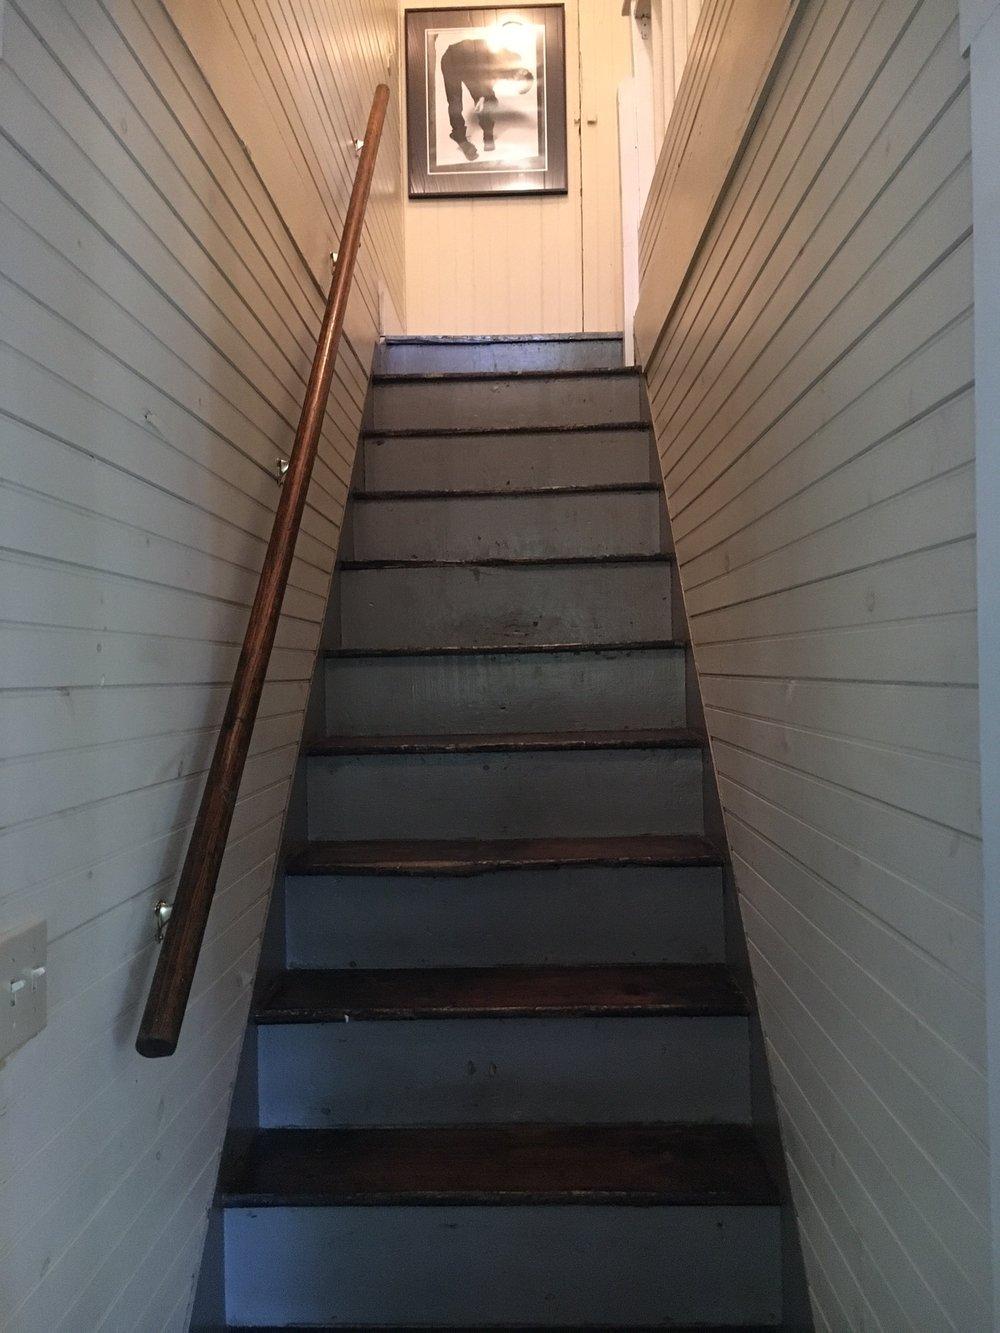 stairs_detail.JPG